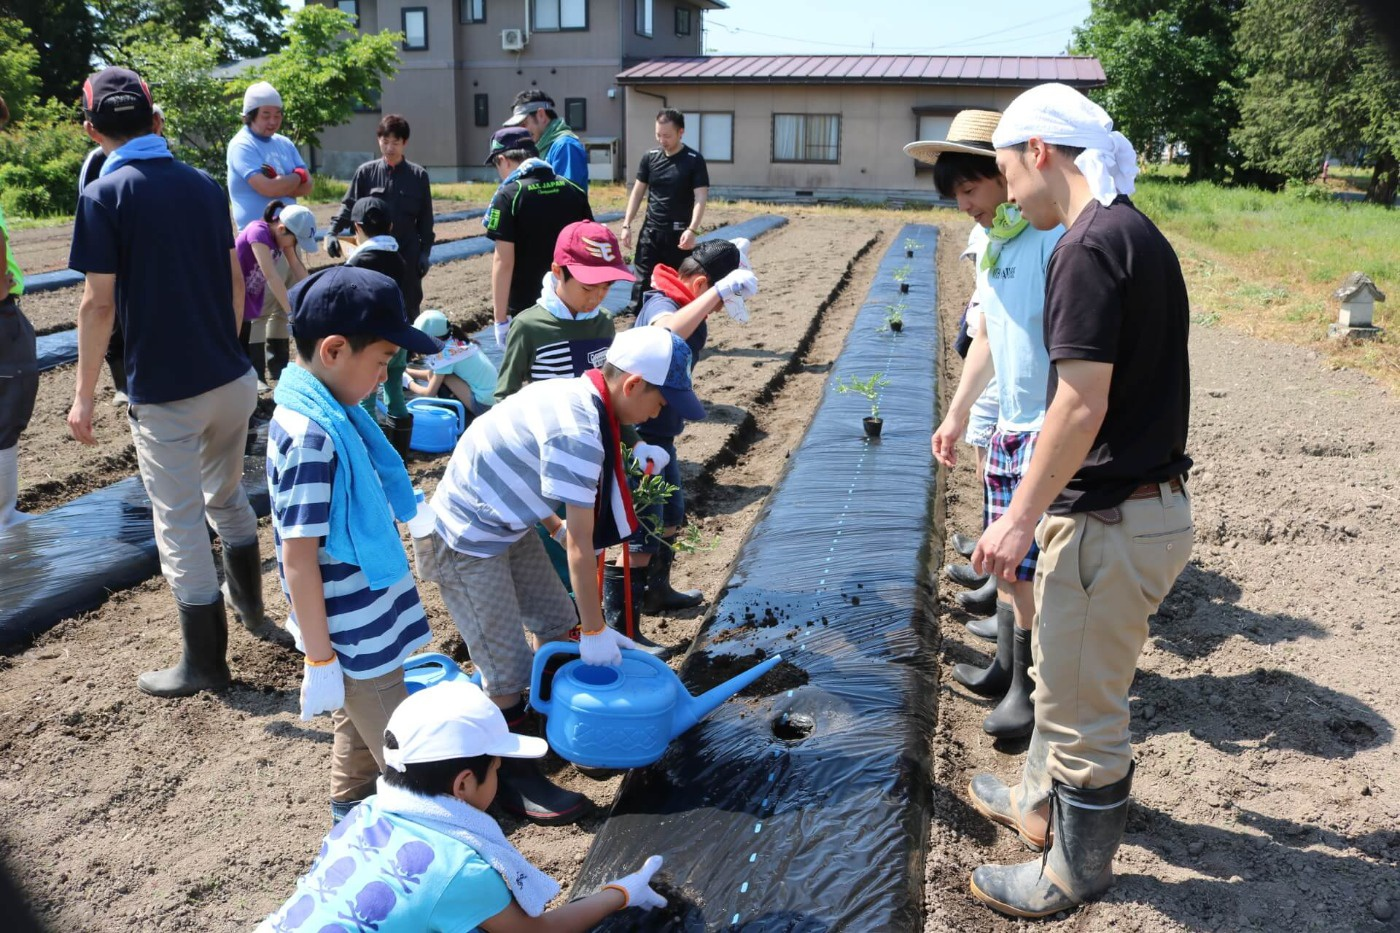 わんぱくキッズスクール:「わんぱく農園」での野菜の種まきや苗の植え付けを体験の様子